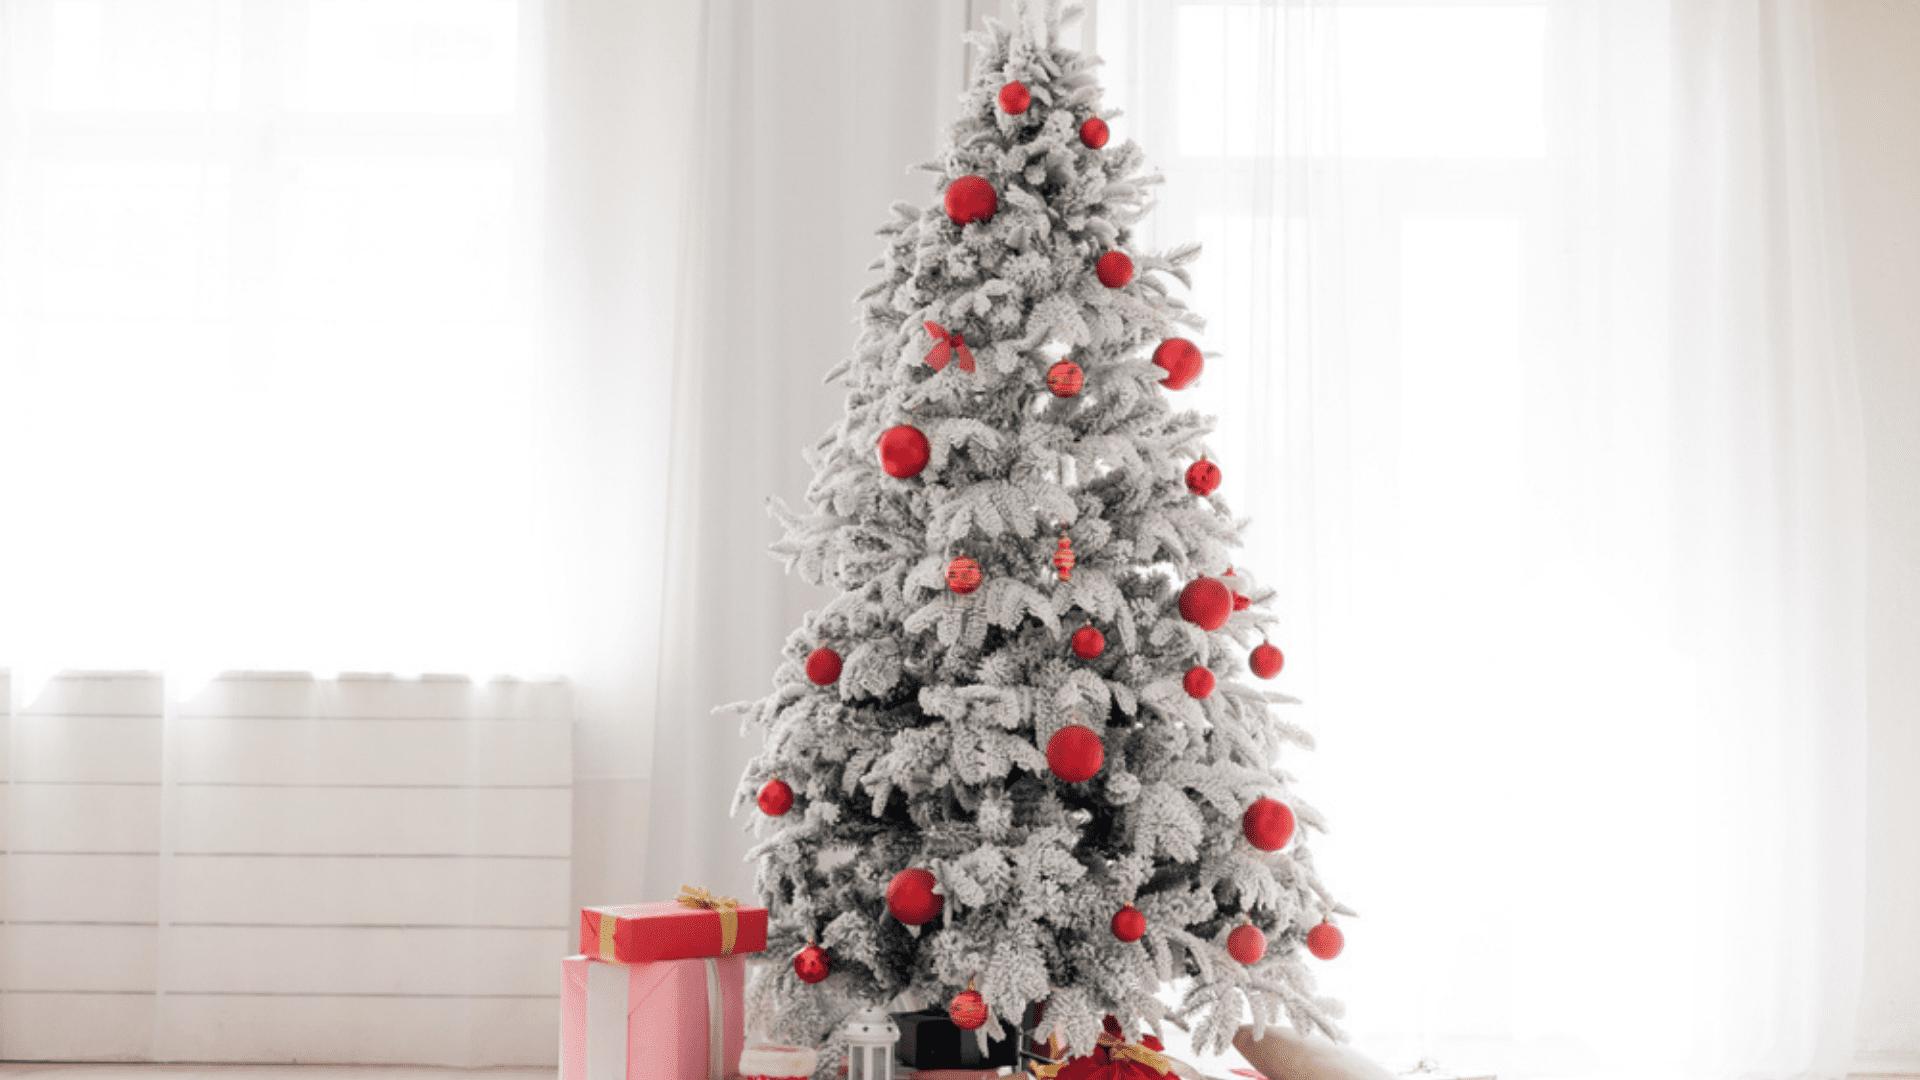 Árvore de Natal branca e vermelha (Imagem: Reprodução/Shutterstock)